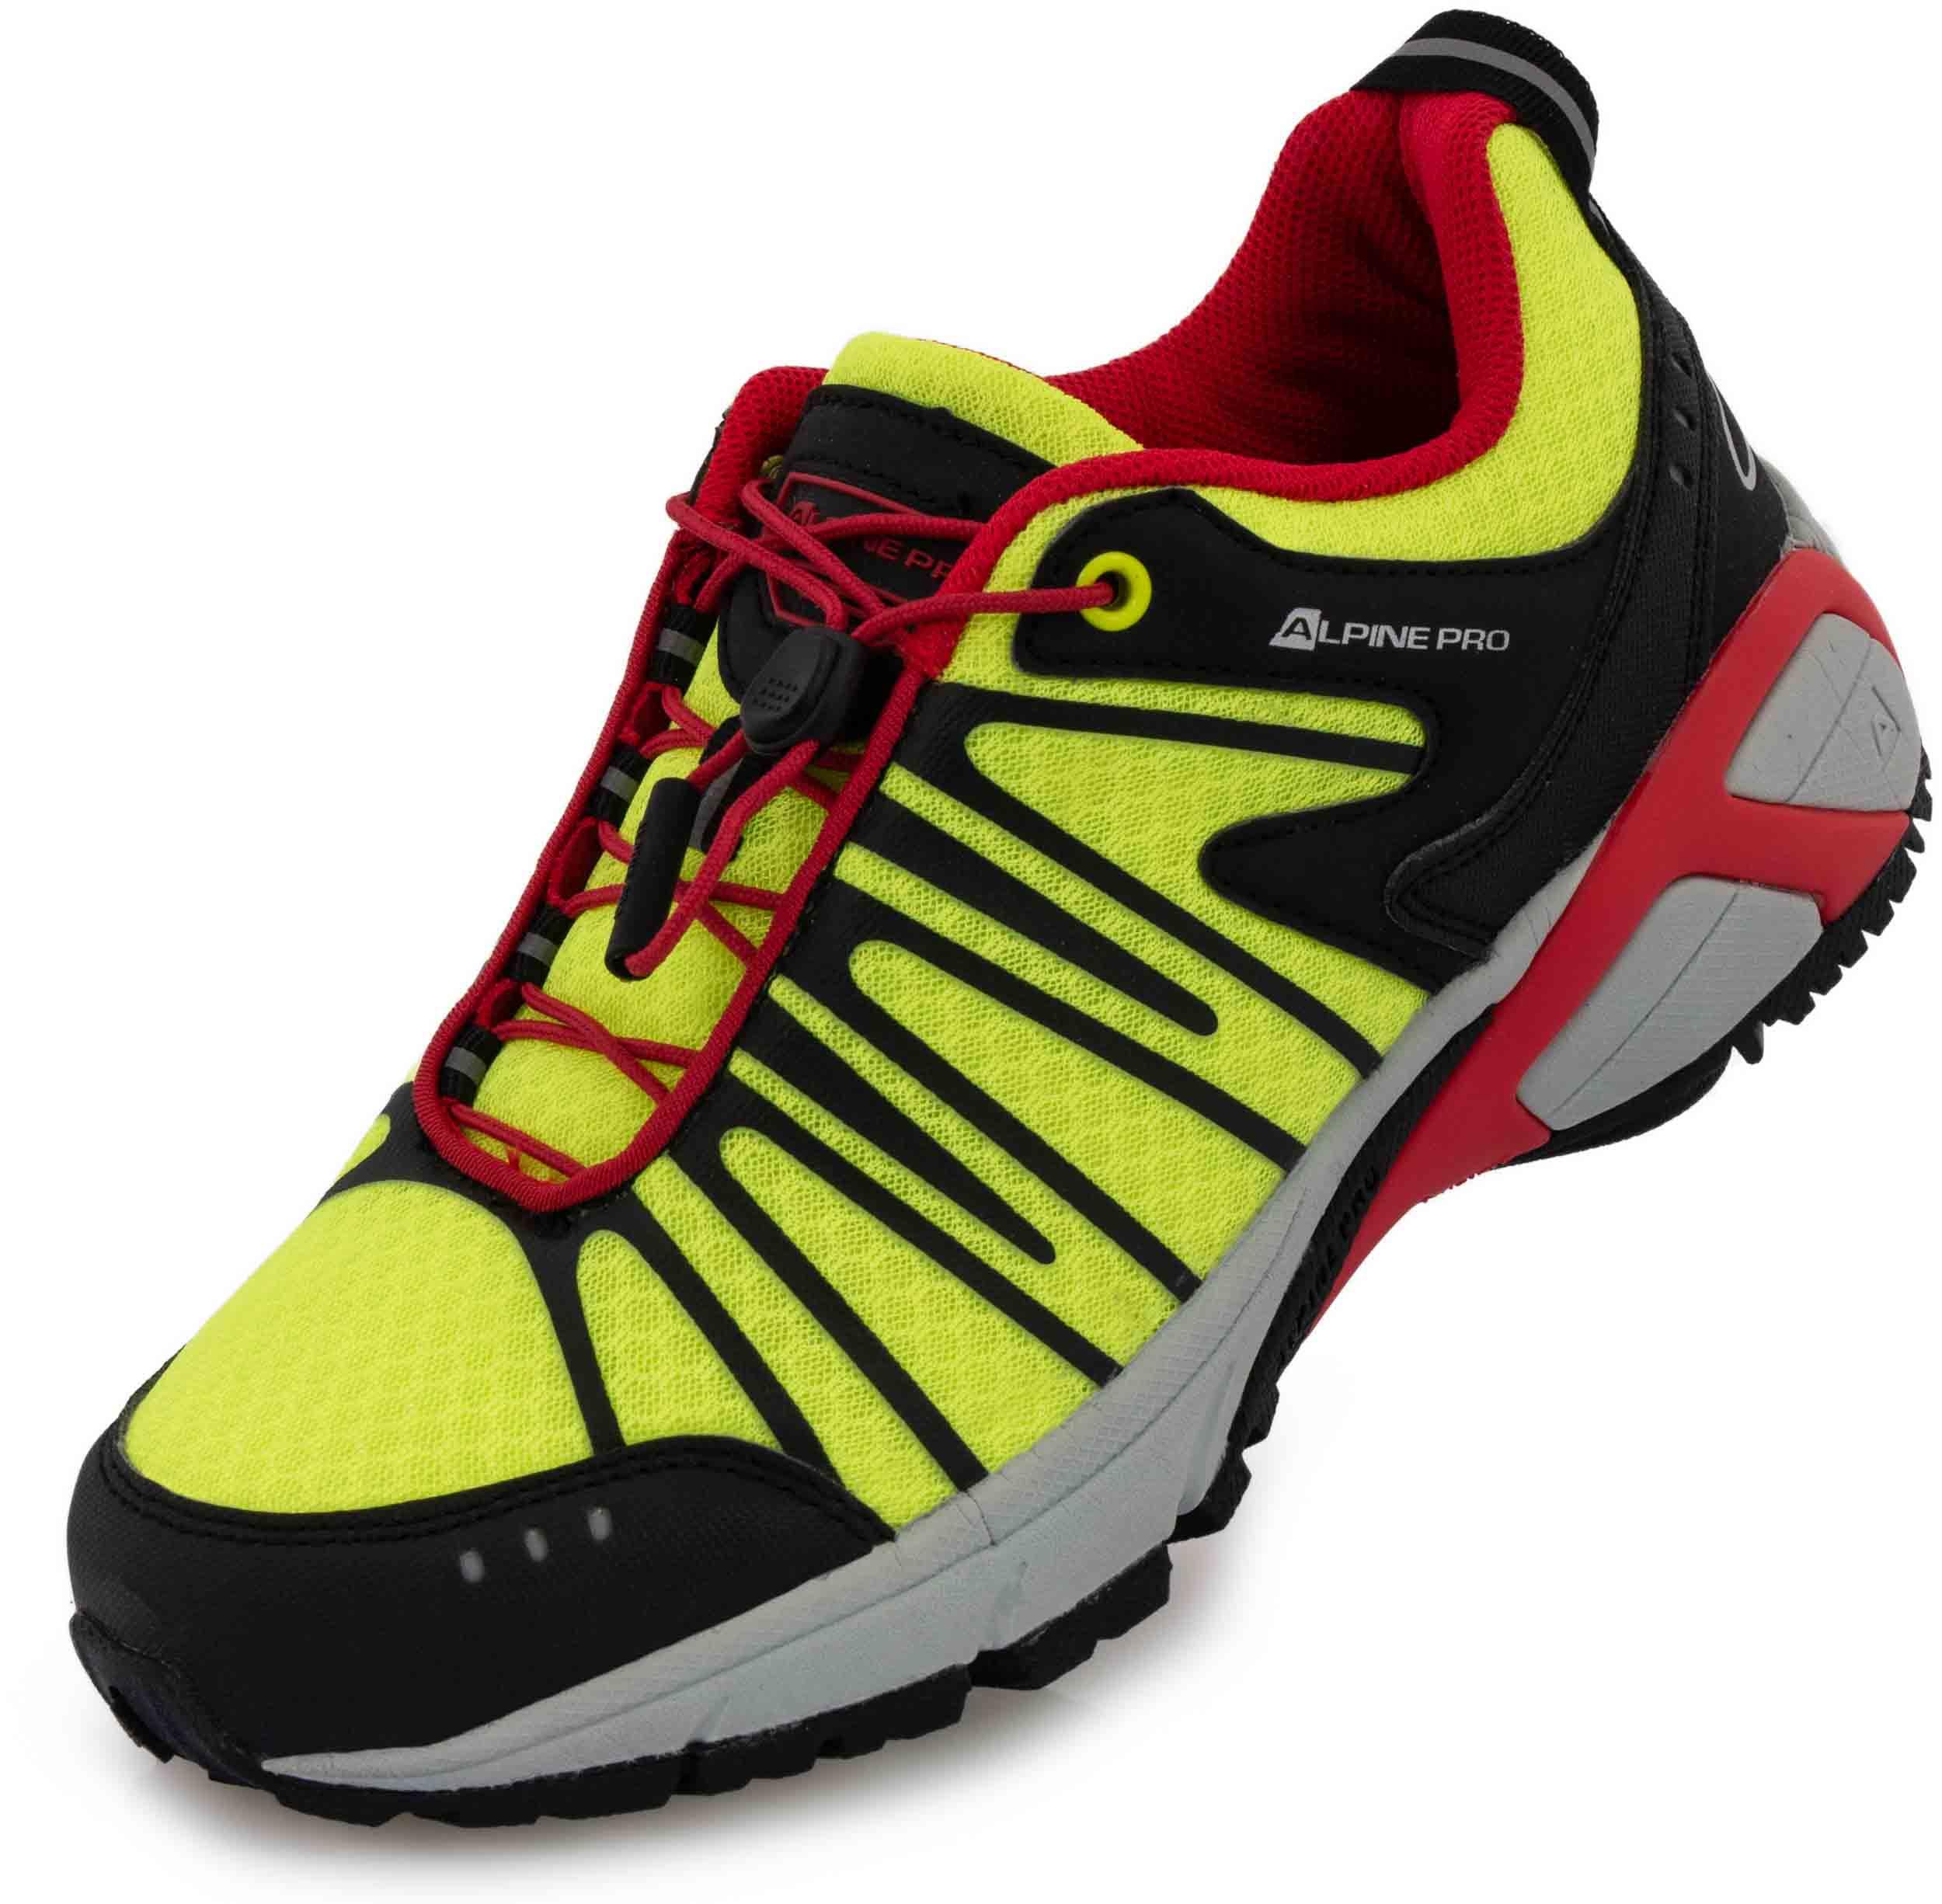 Sportovní boty Alpine Pro Glenbrook